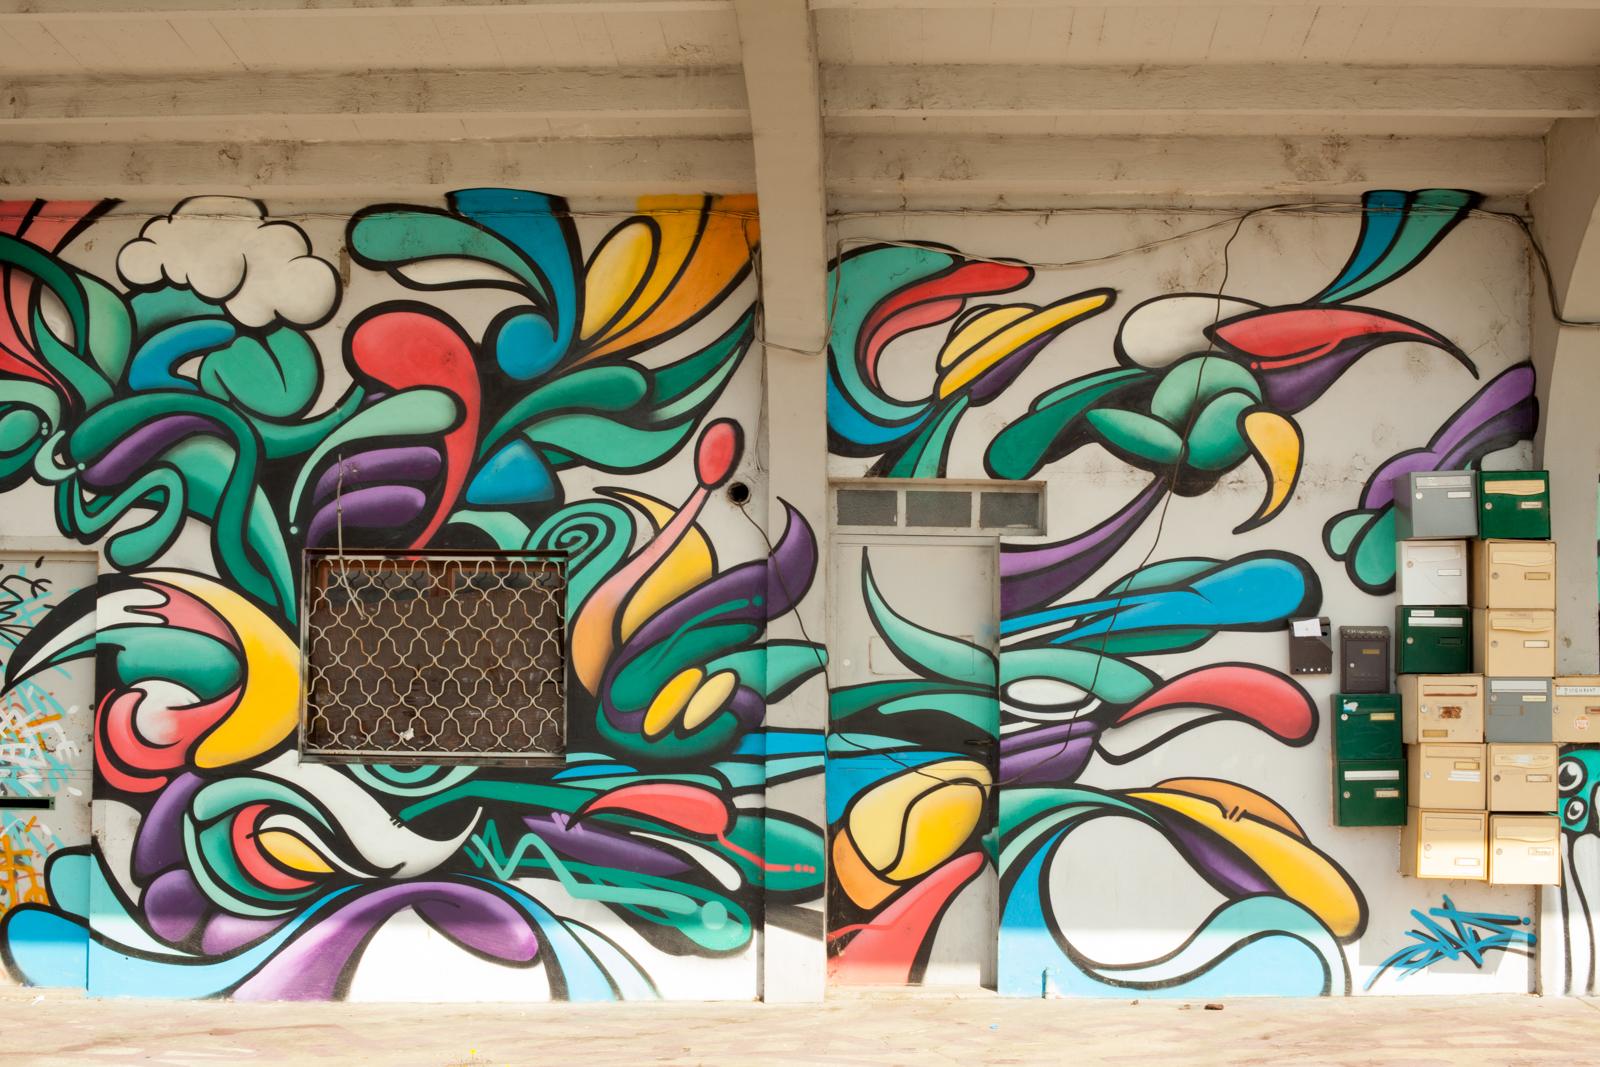 bassins à flots bordeaux, bassins à flots, bassins à flots street art, street art bordeaux, shake well bordeaux